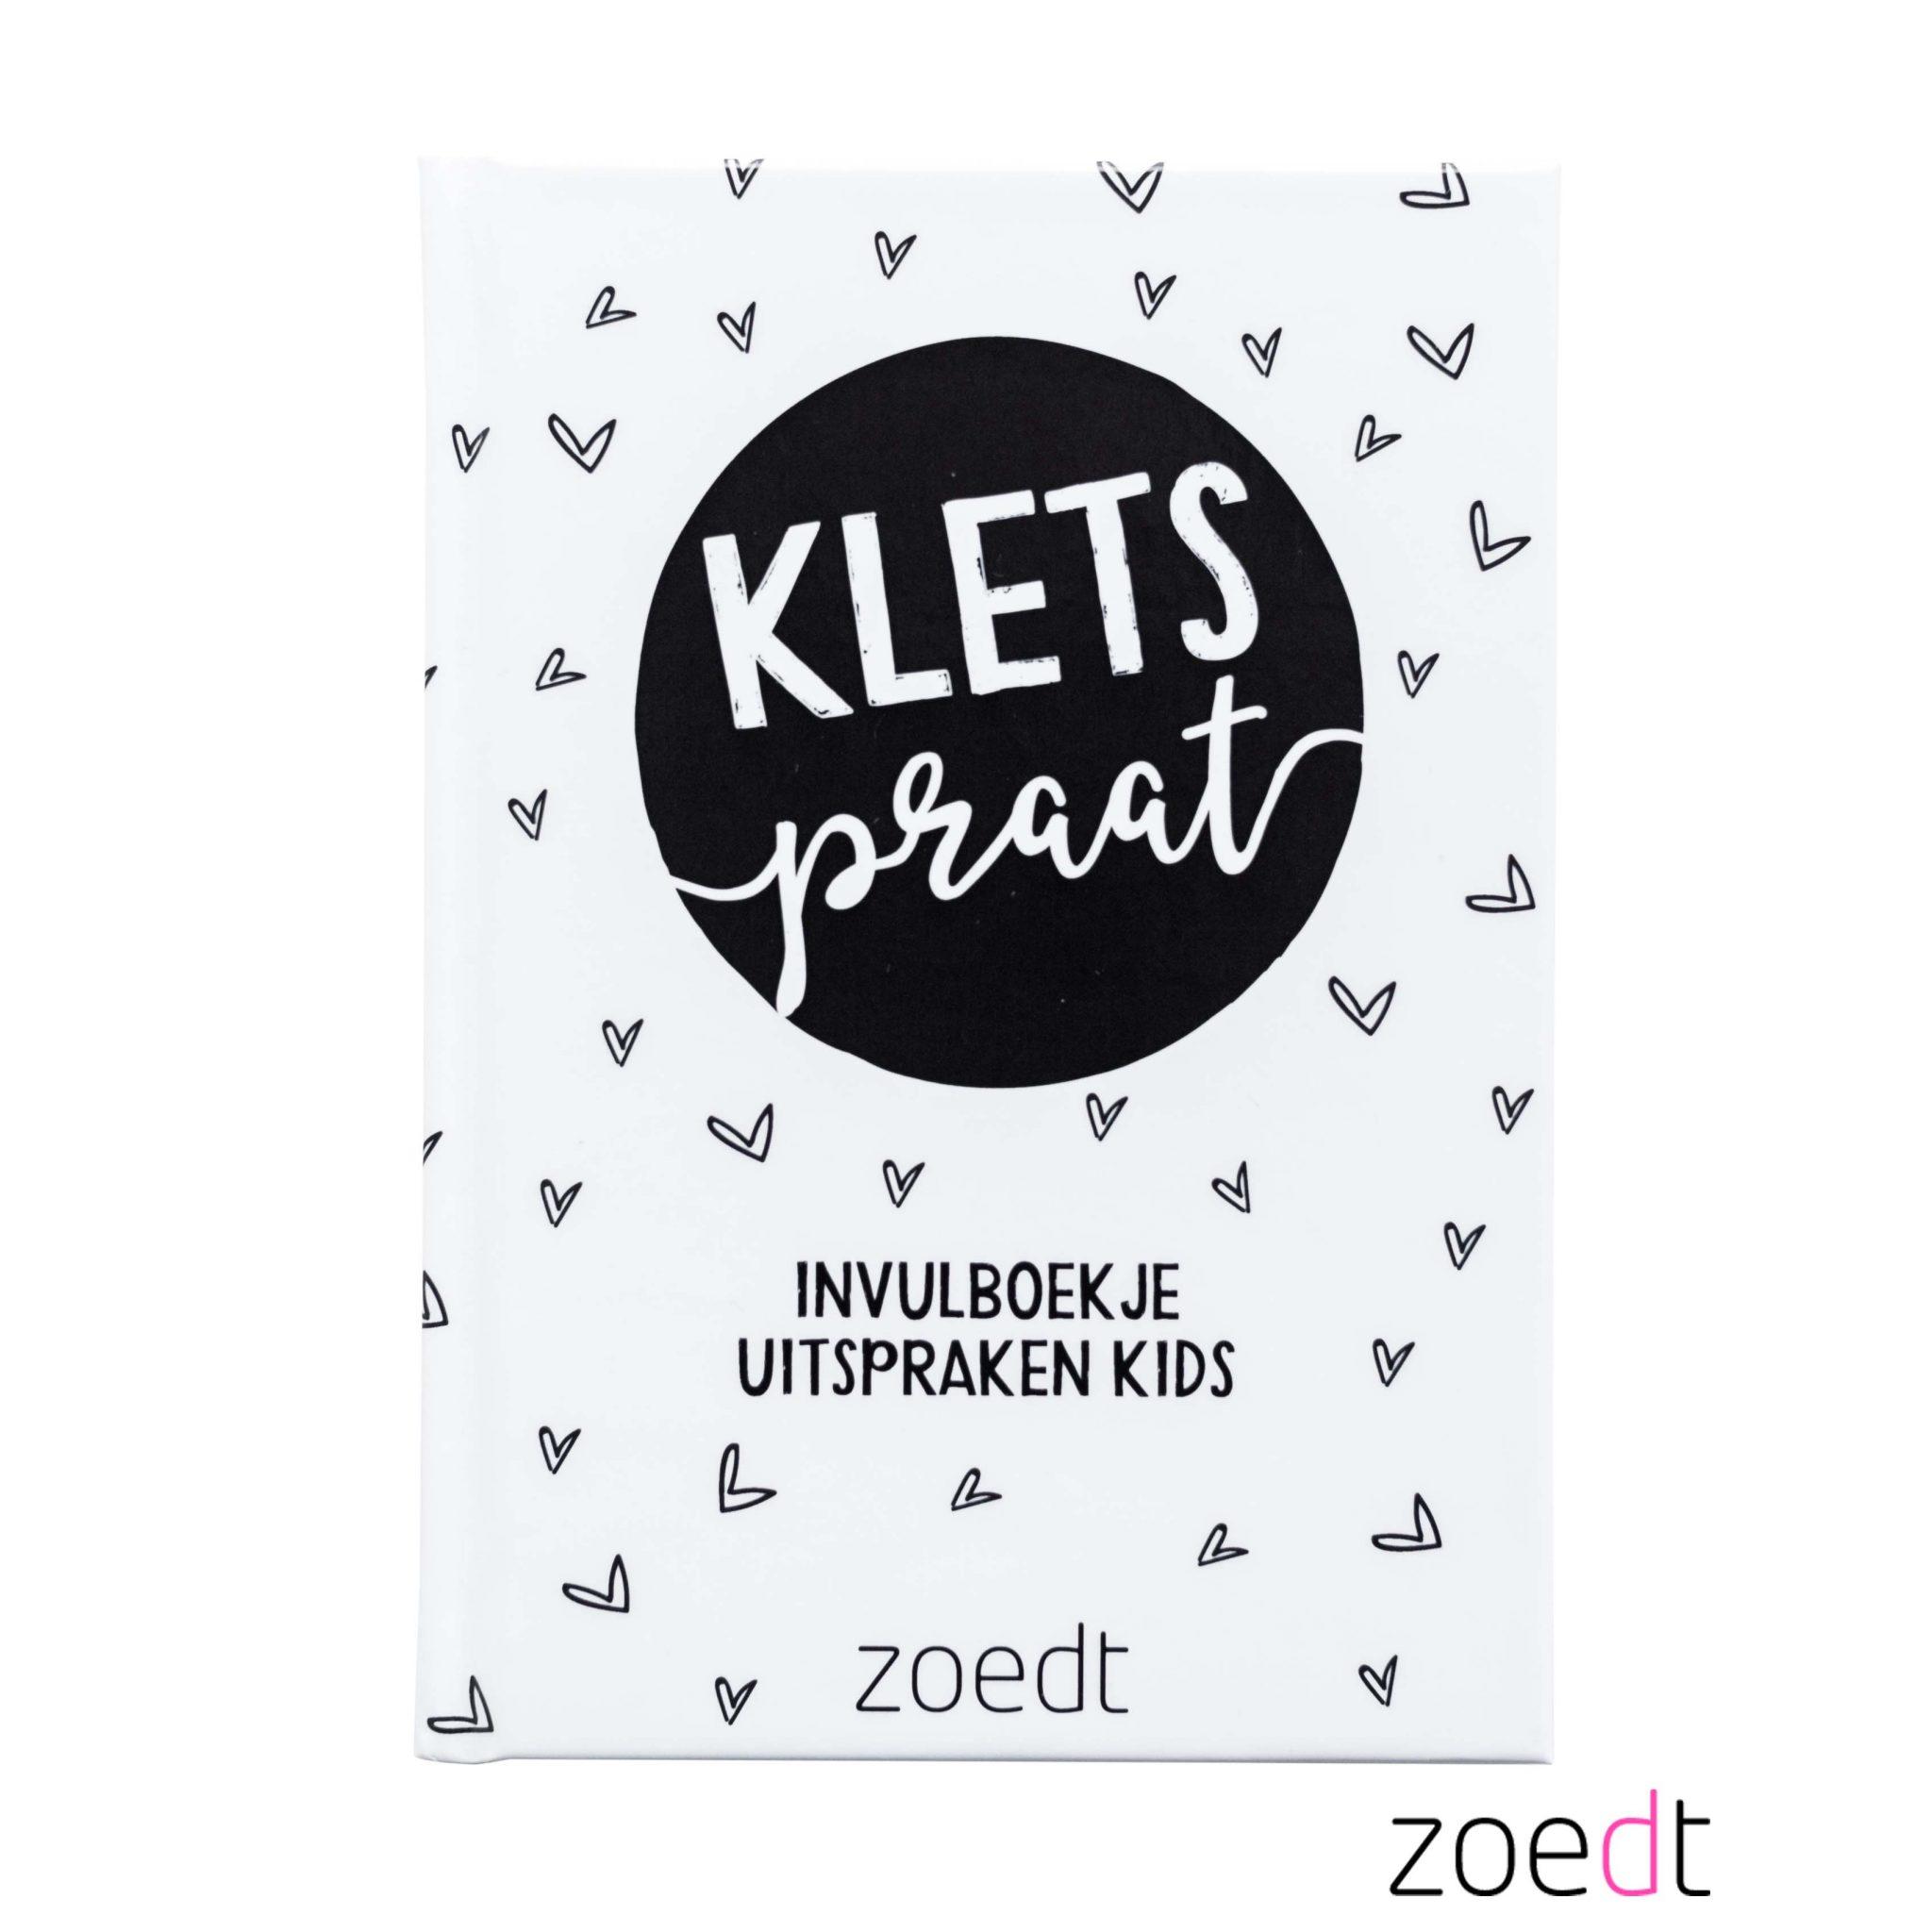 kletspraat boekje van Zoedt -wonen en lifestyle webshop no28wonen